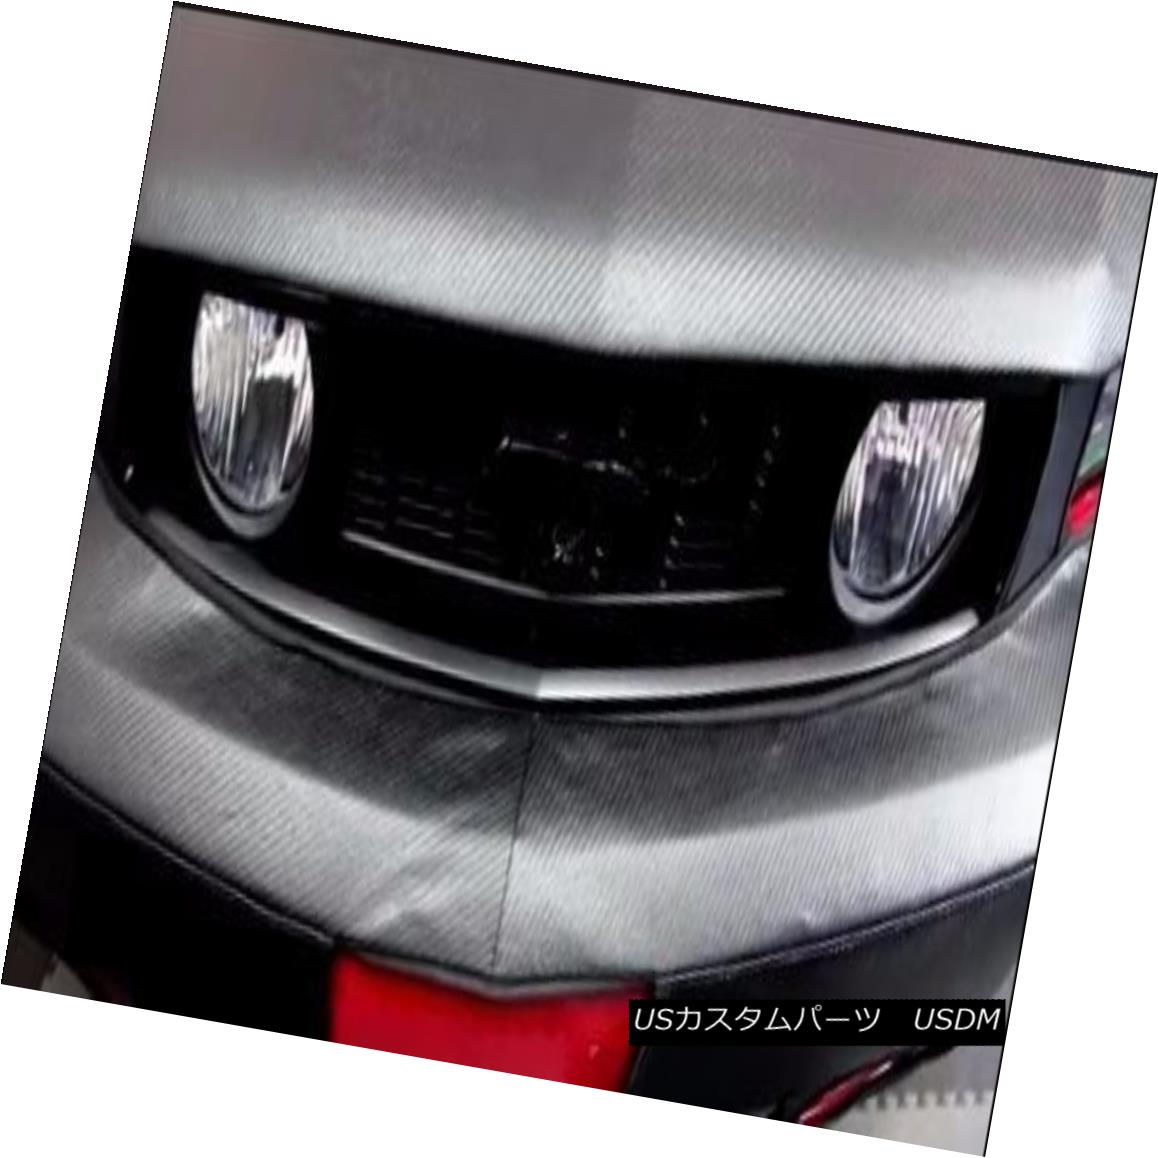 フルブラ ノーズブラ Colgan CF Front End Mask Bra 2pc. Fits Lexus GS300 1993-1997 W/Lic.Plate コルガンCFフロントエンドマスクブラ2pc。 Lexus GS300 1993-1997 W / Lic.Plateに適合